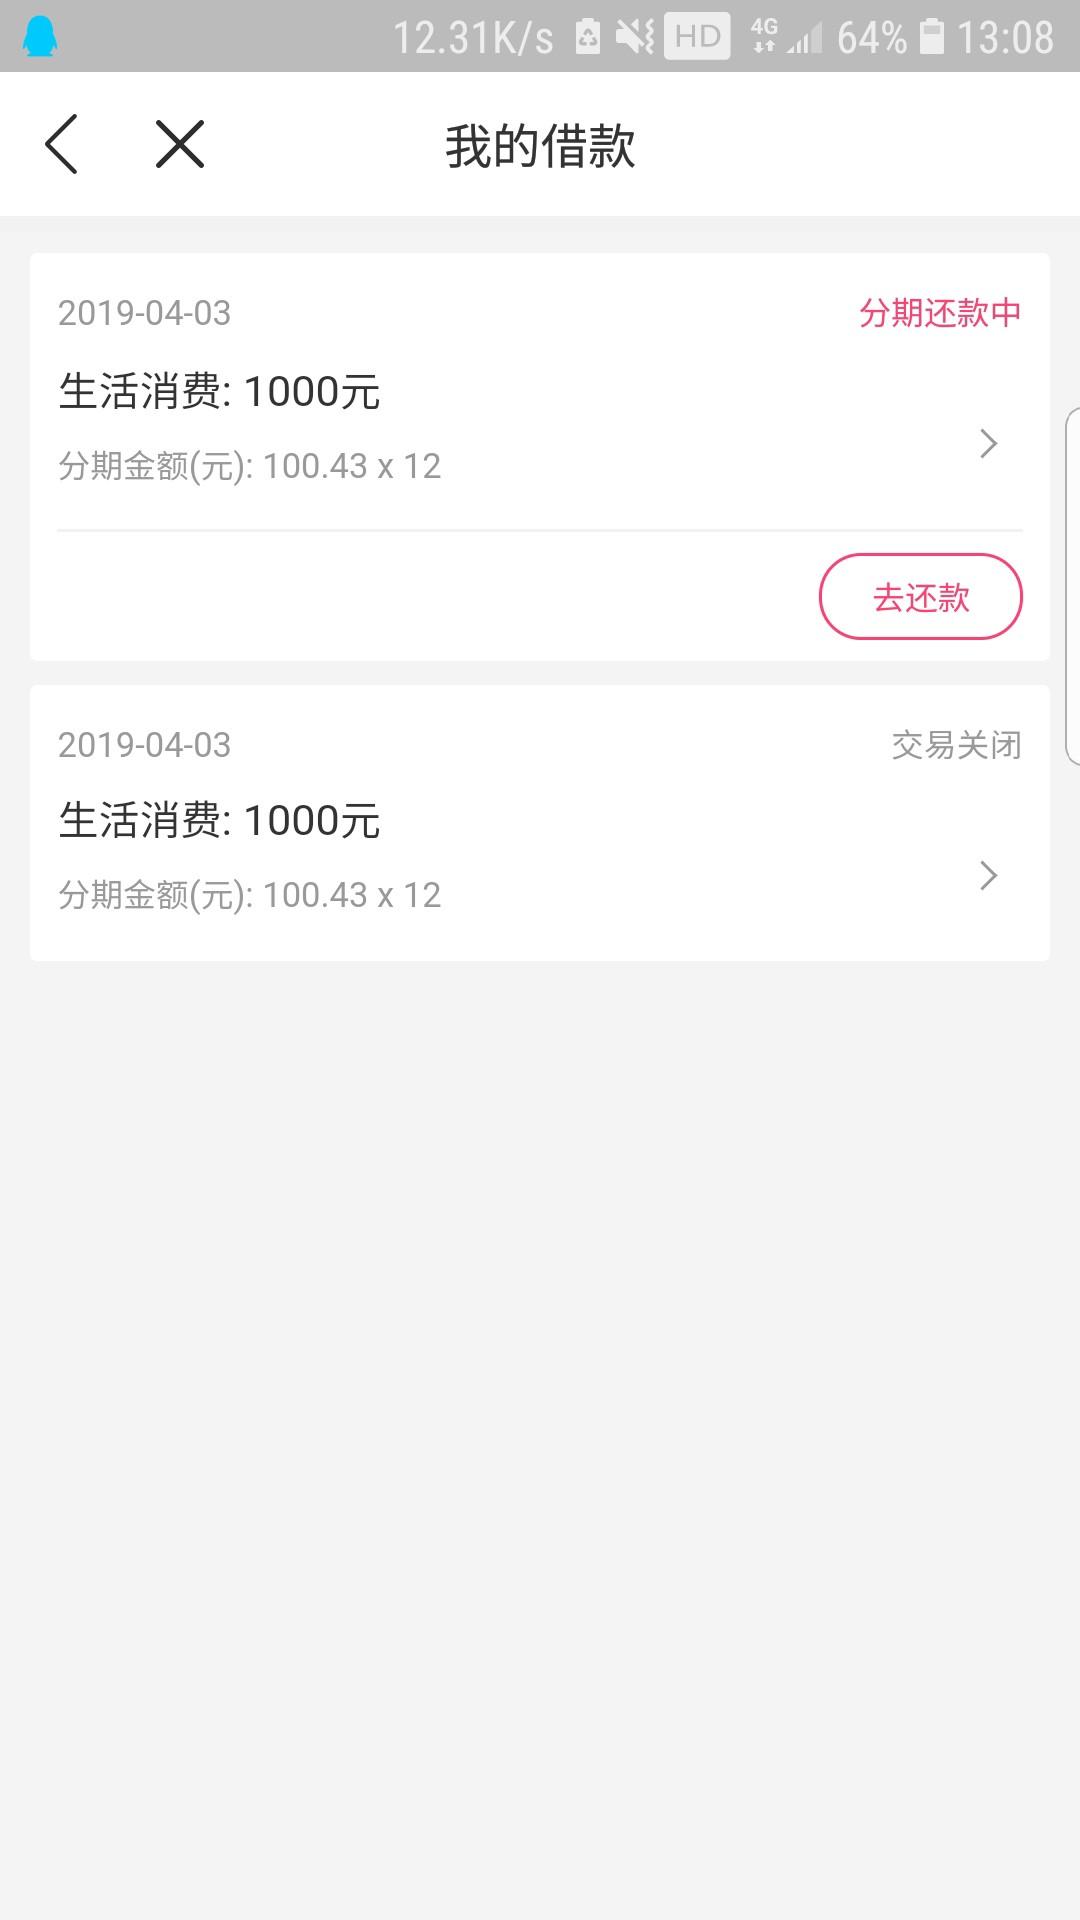 #桔子分期#新系统调整上线,均件6000元...30 / 作者:早日上岸丶 /